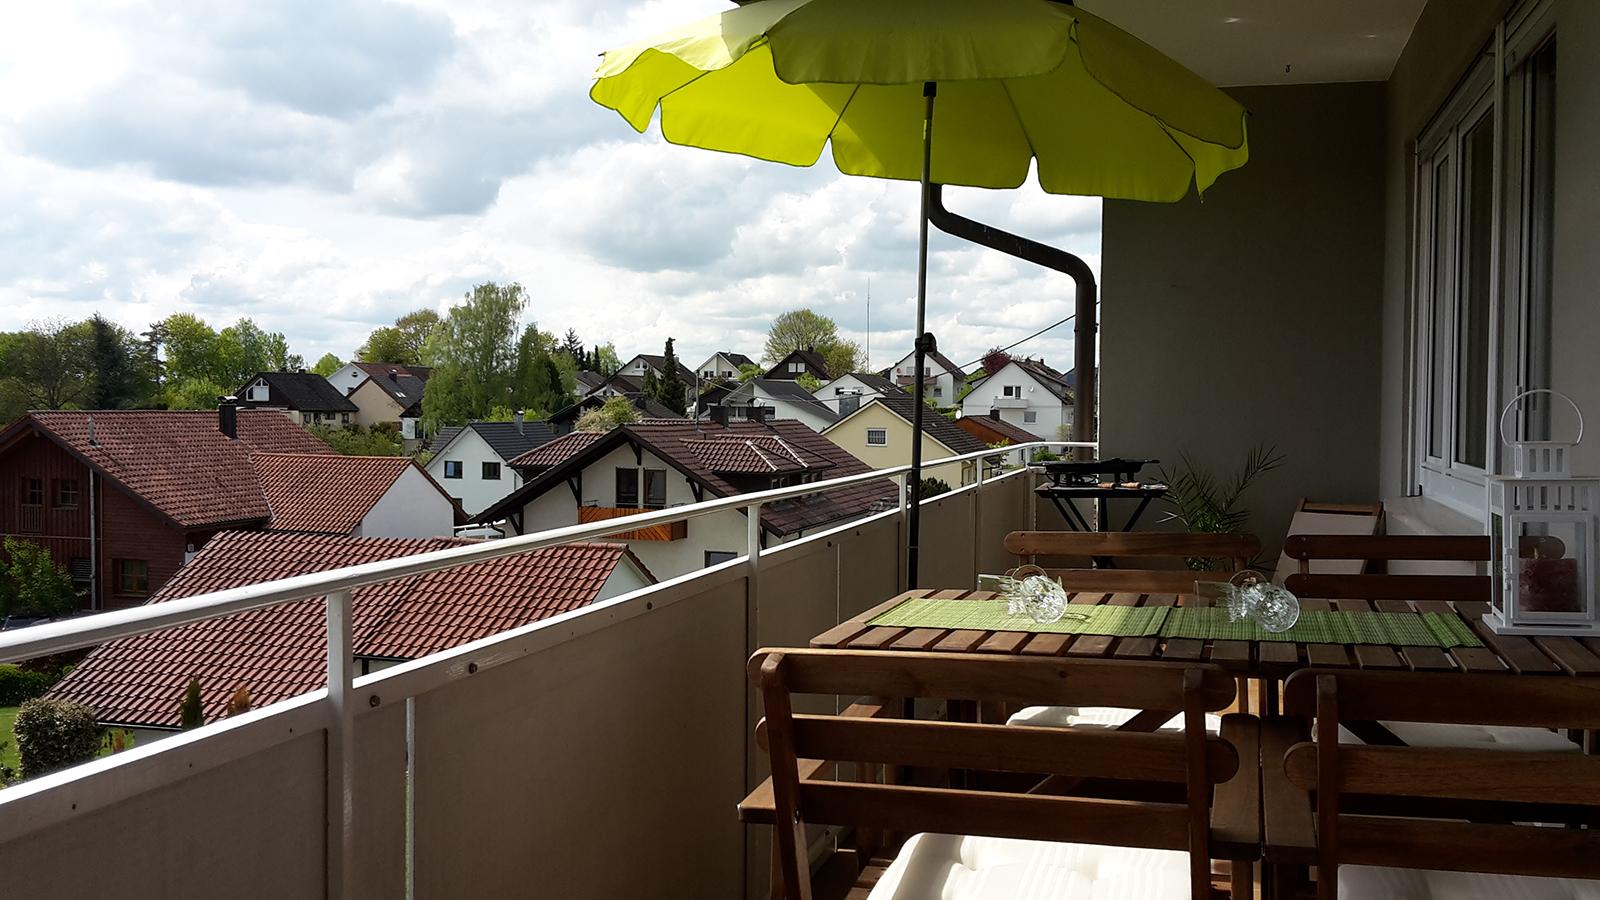 Ferienwohnung am Bodensee: Weitblick - Balkon & Ausblick